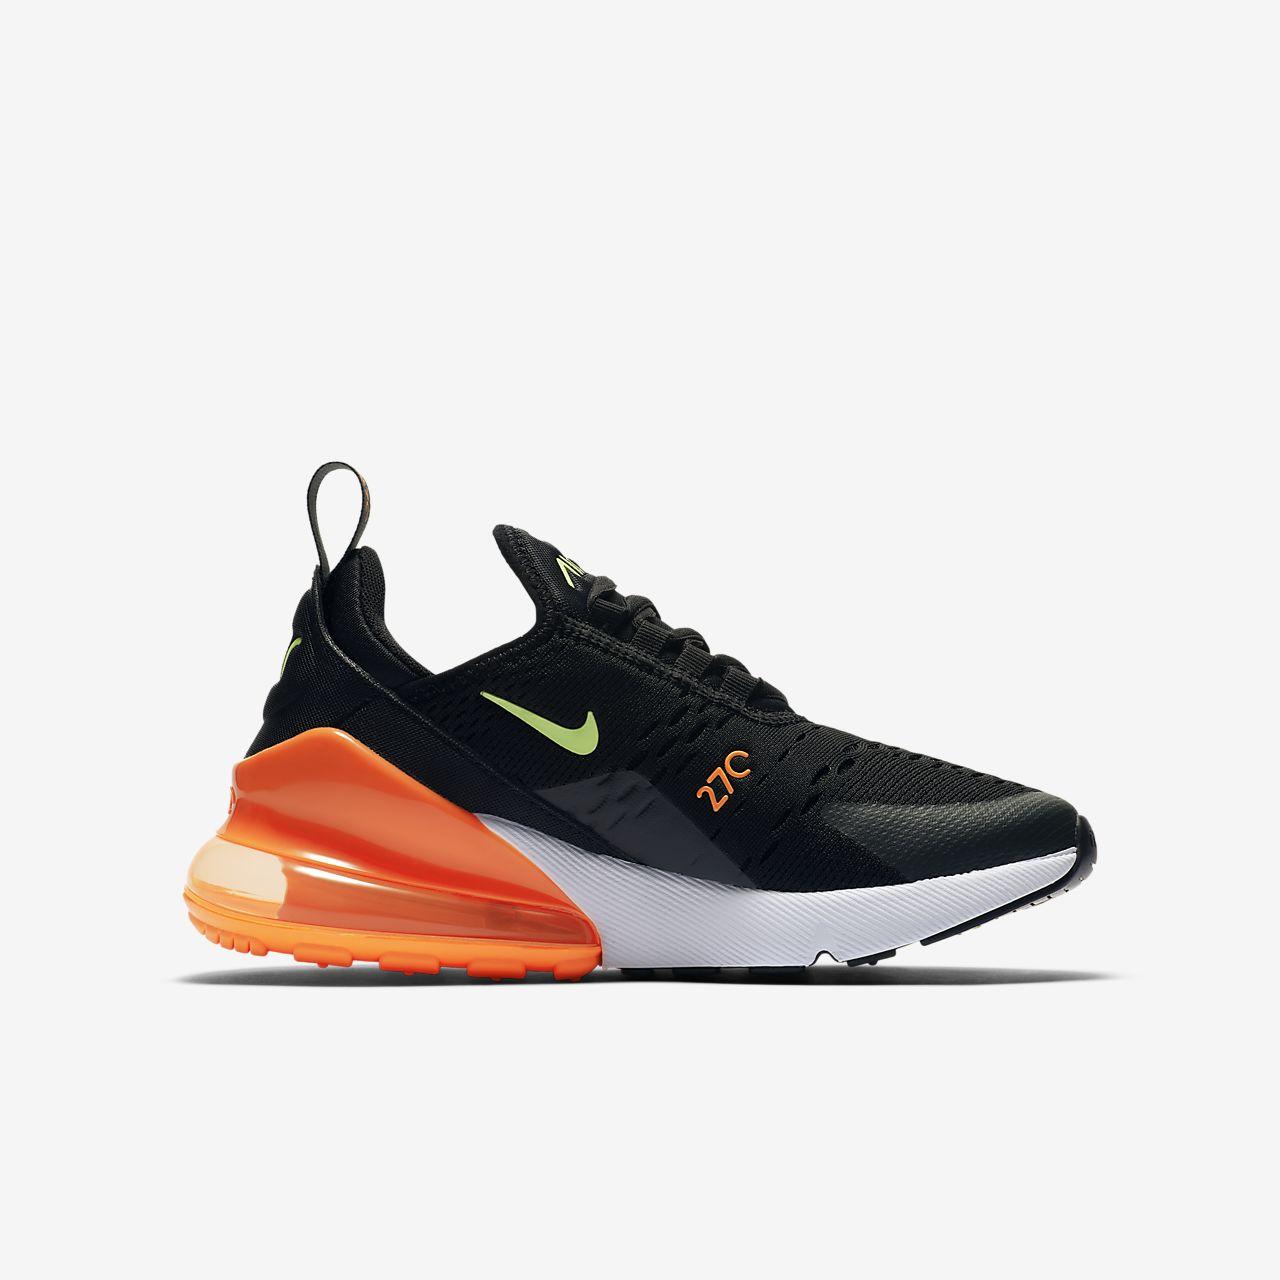 Rabat Nike Air Max 270 | Billig Nike Sko |